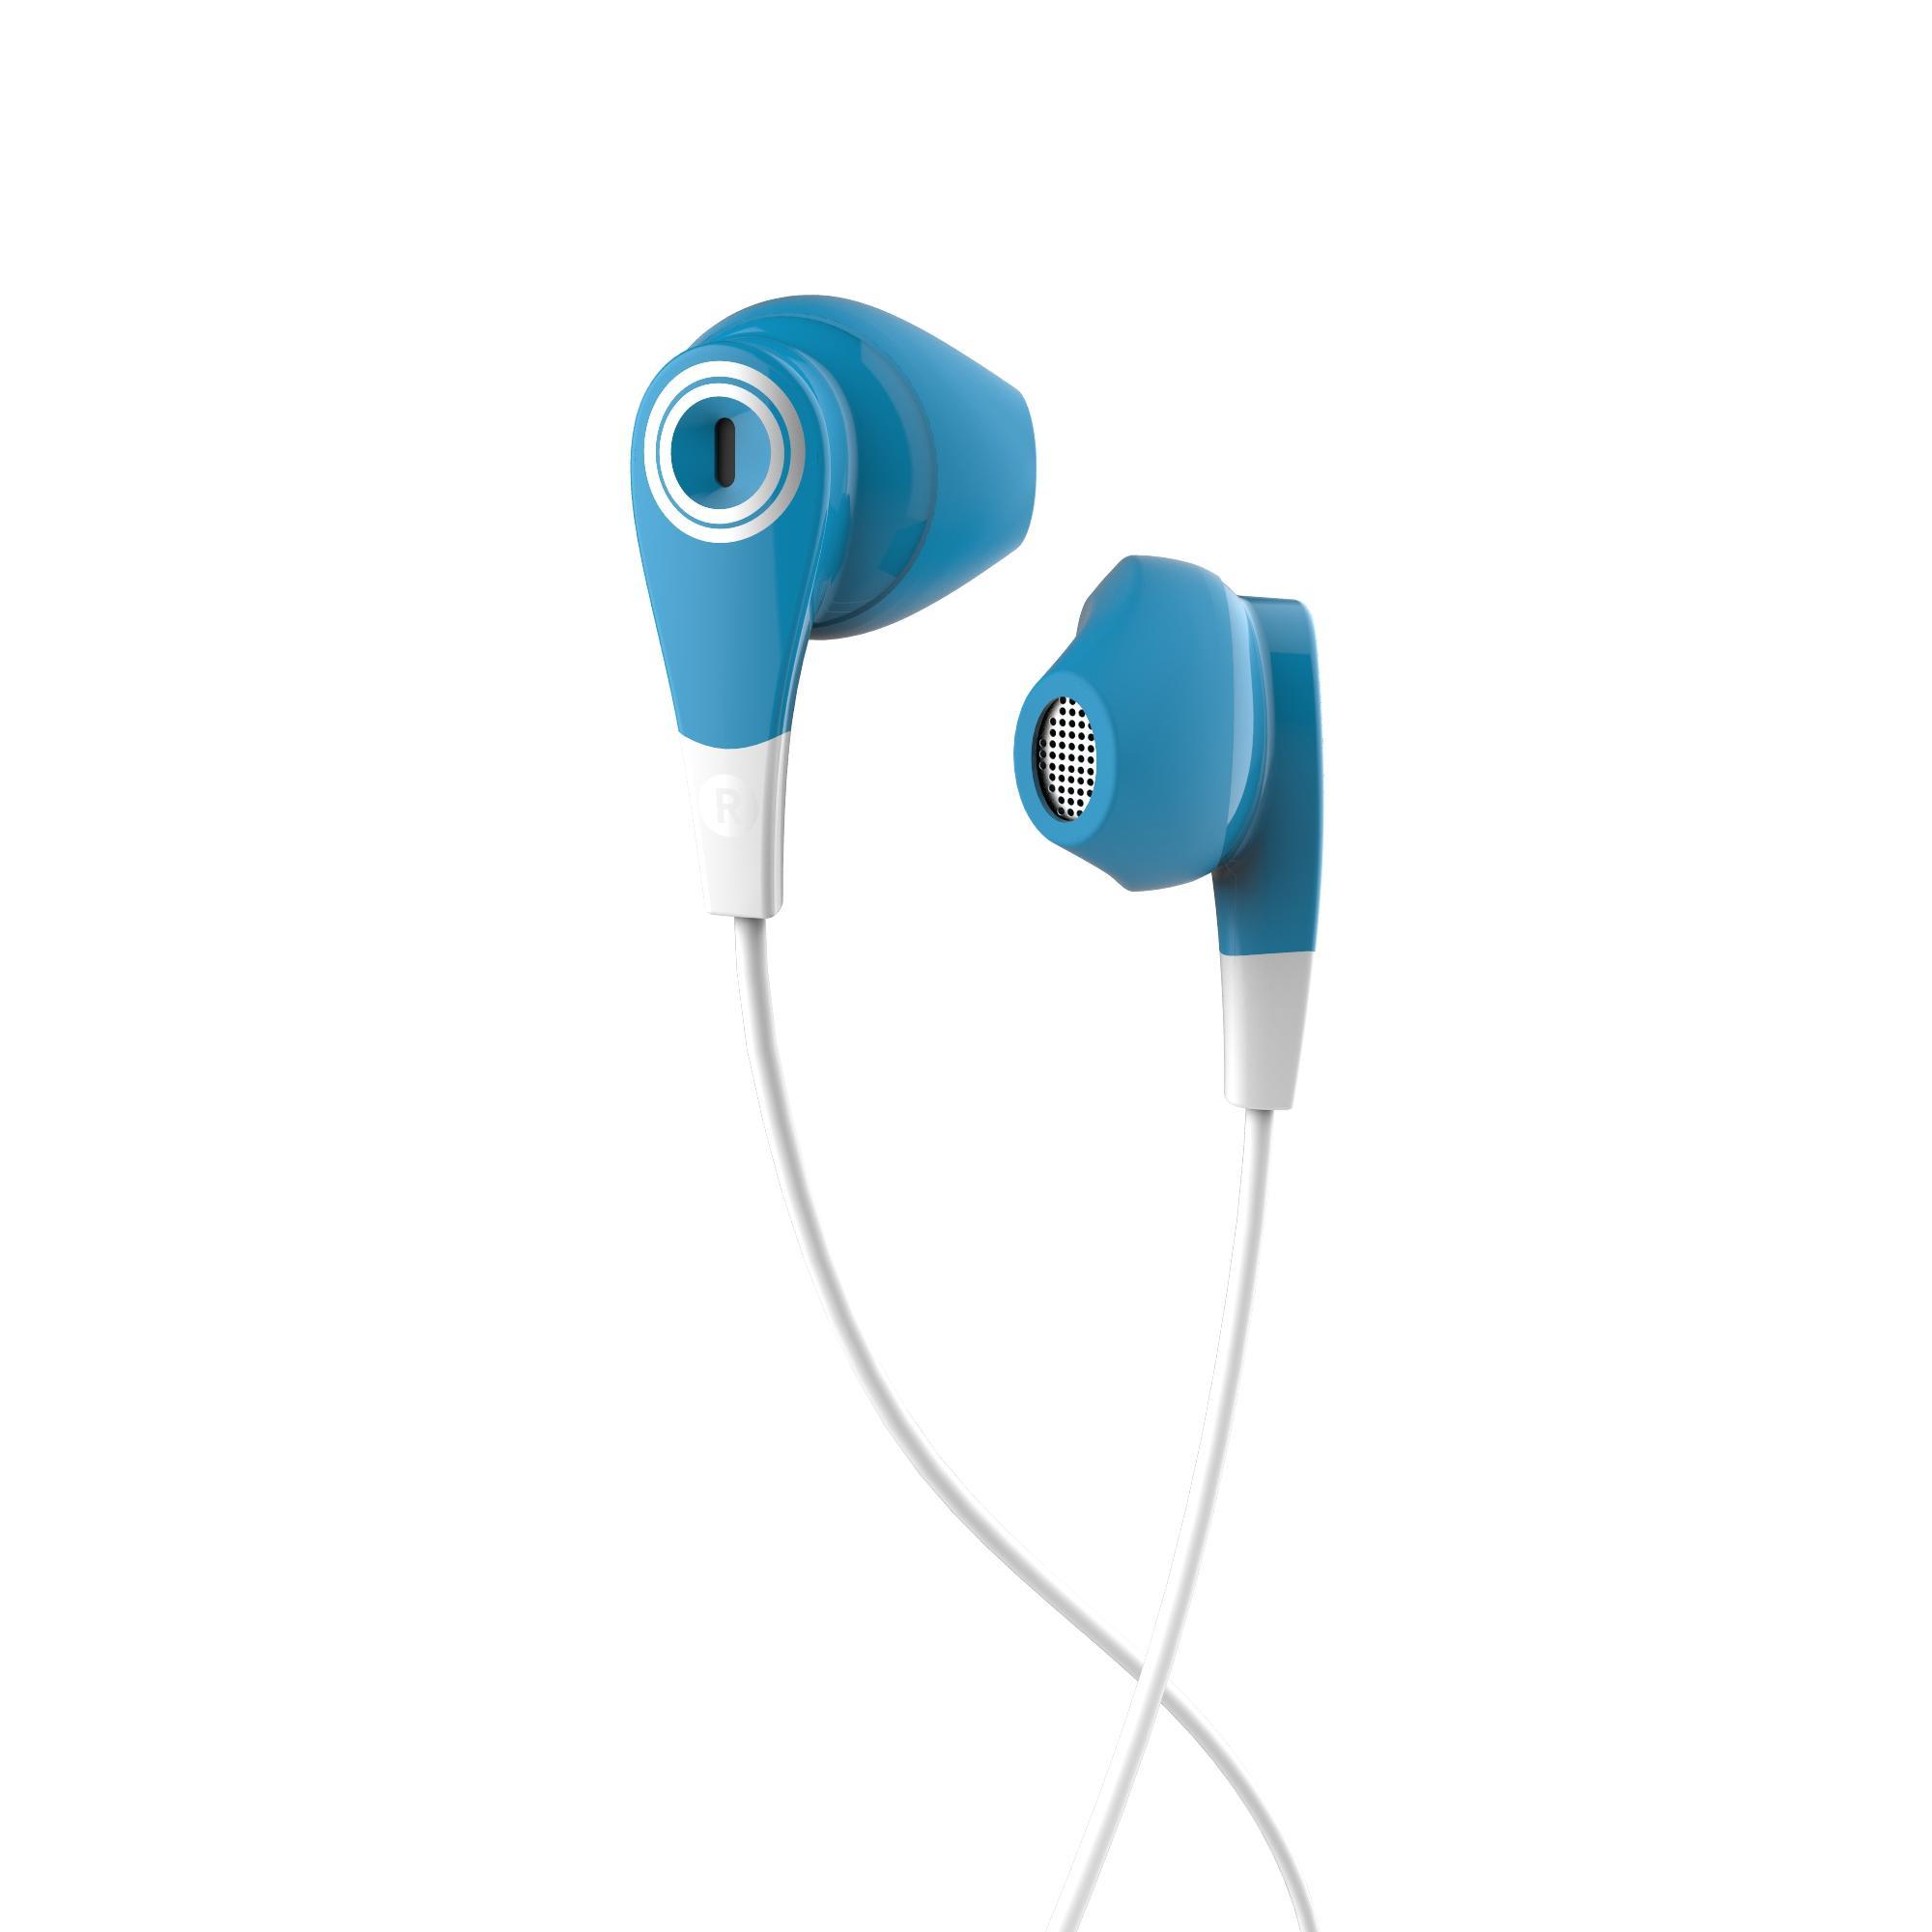 Audífonos con cables y micrófono ONear 300 Azul Blanco